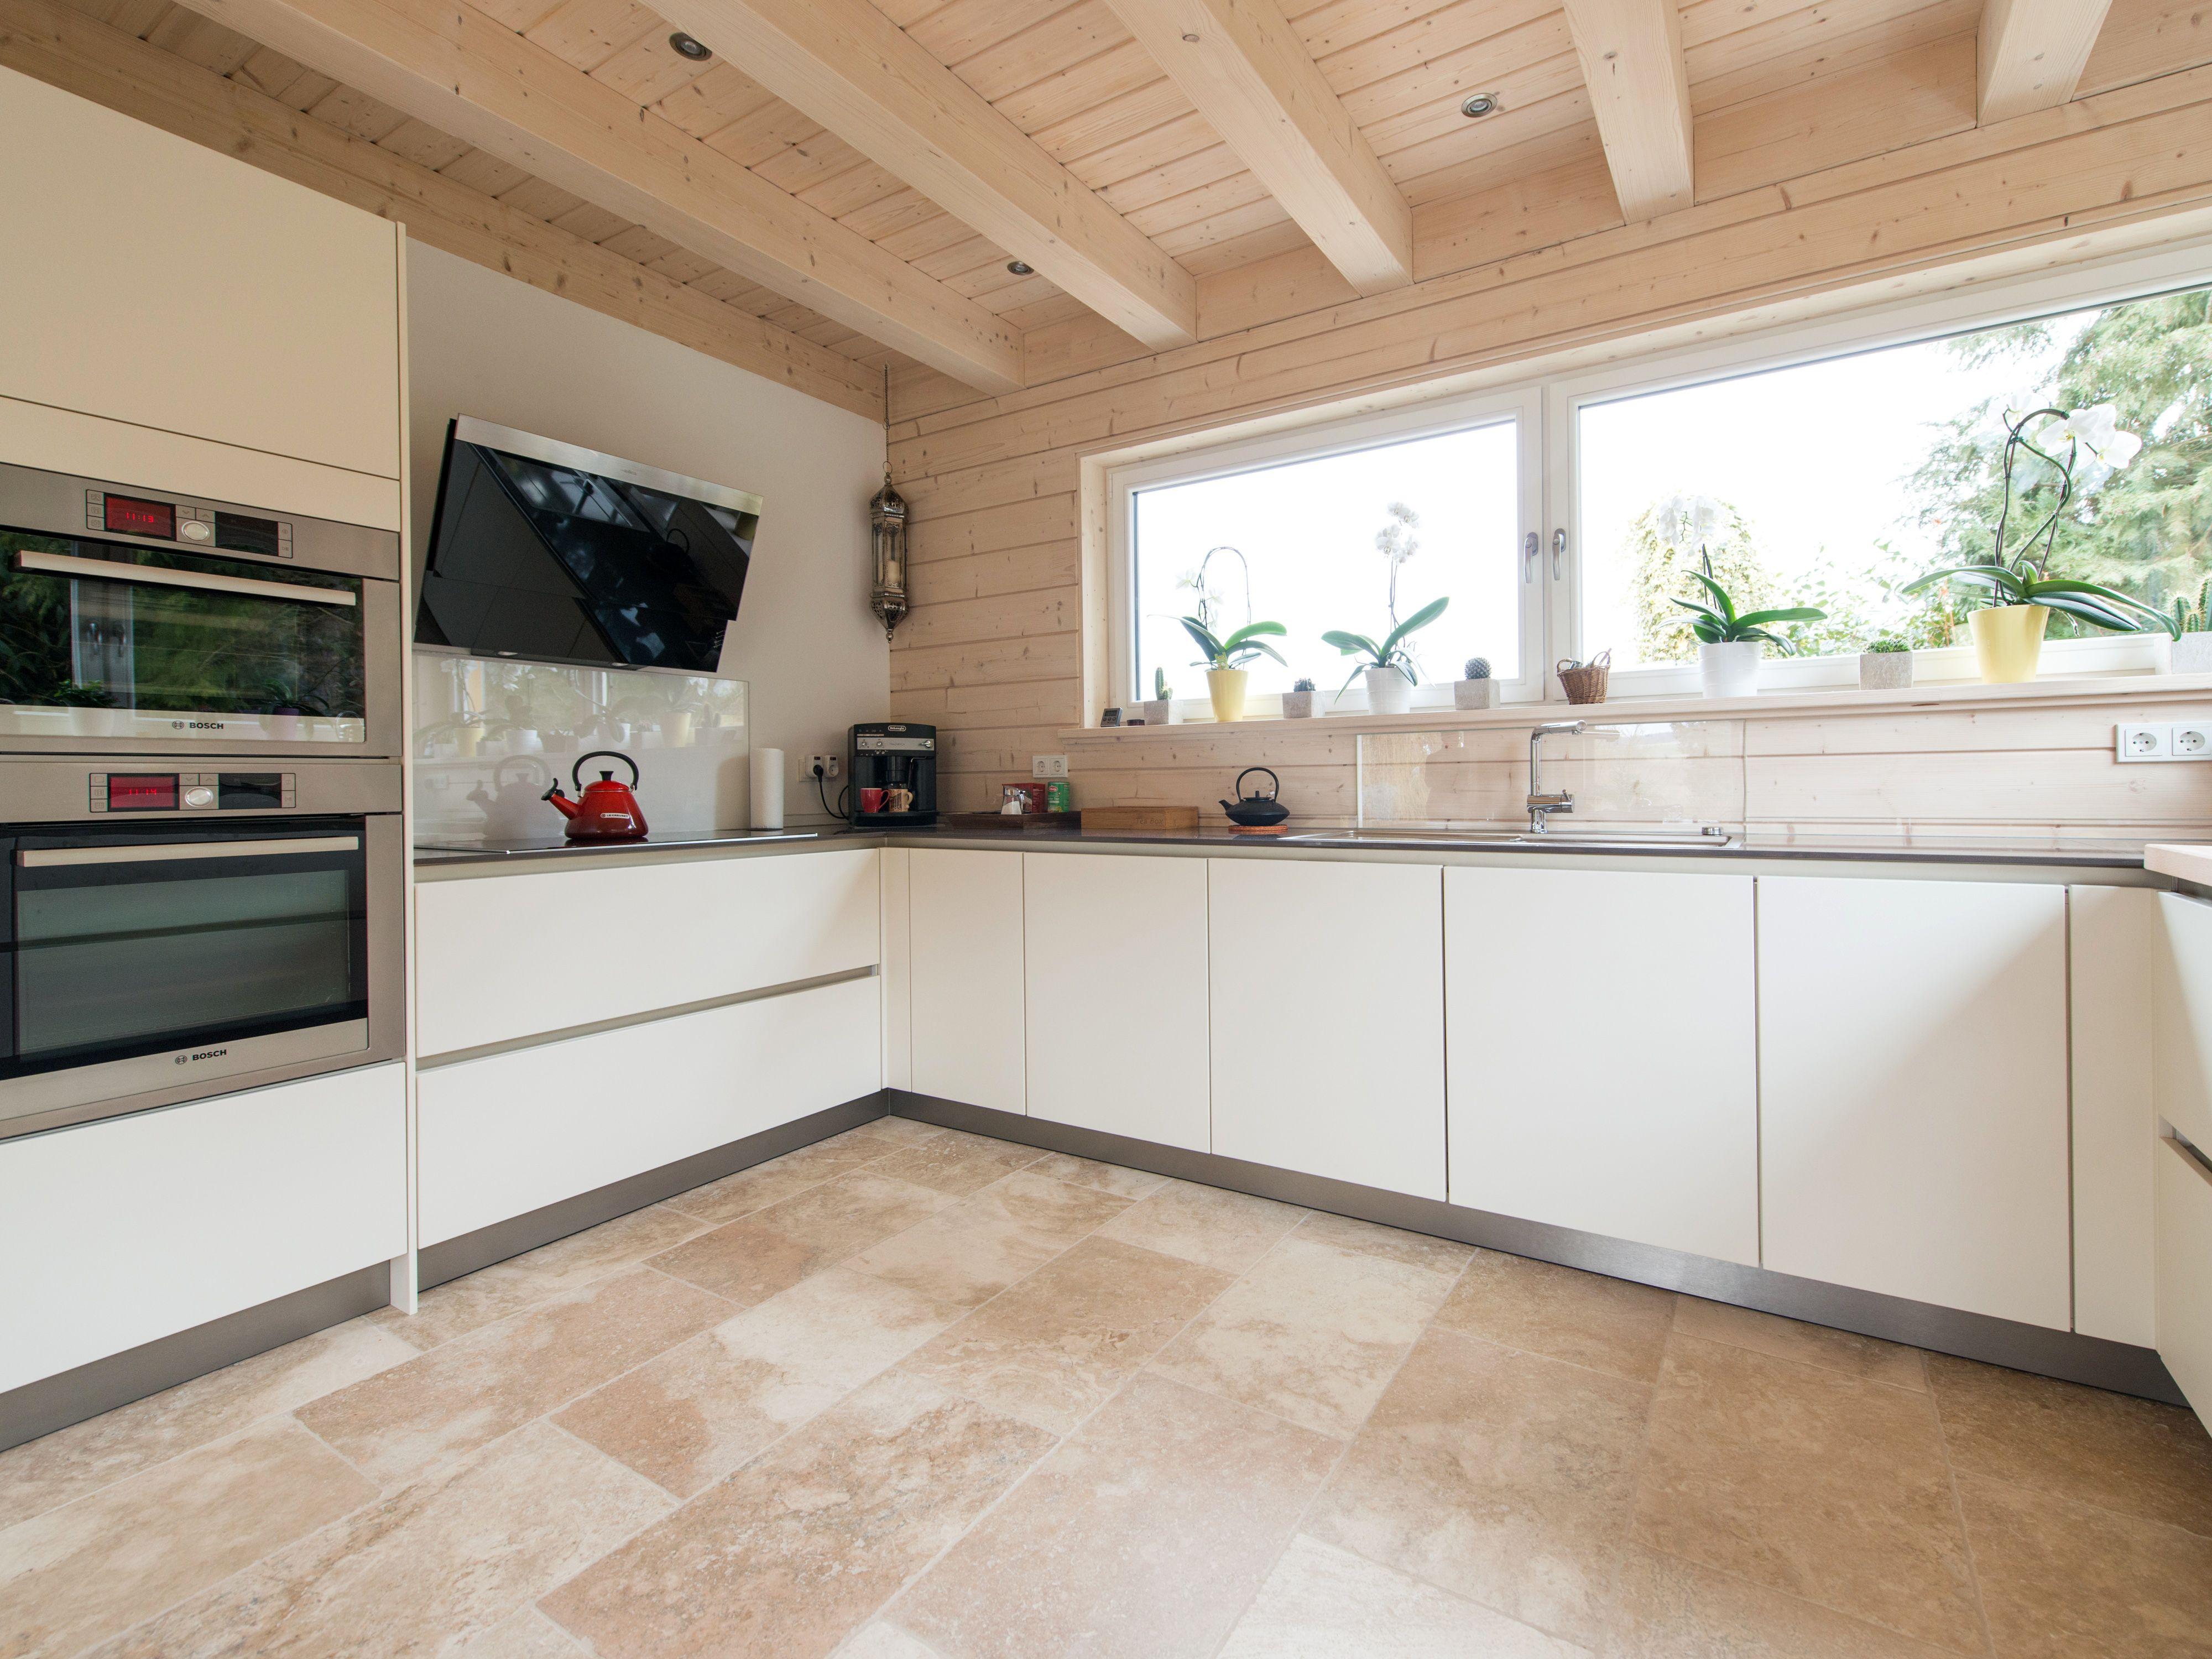 Travertinfliese Rustic Stonenaturelle Stilvolle Natursteine Travertin Fliesen Haus Kuchen Weisse Mobel